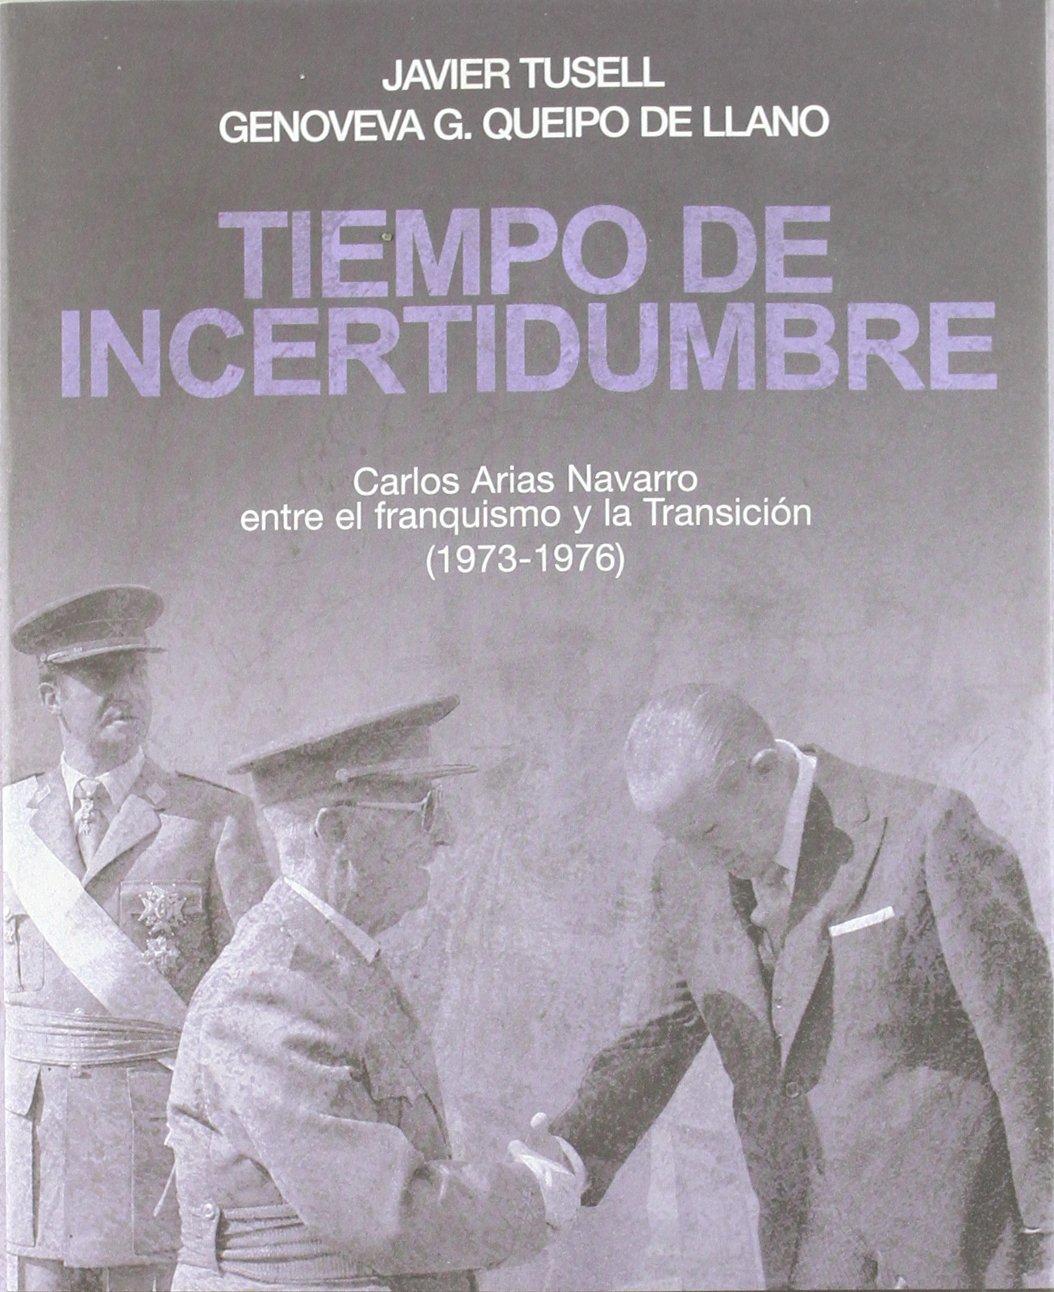 Tiempo de incertidumbre: Carlos Arias Navarro entre el franquismo ...